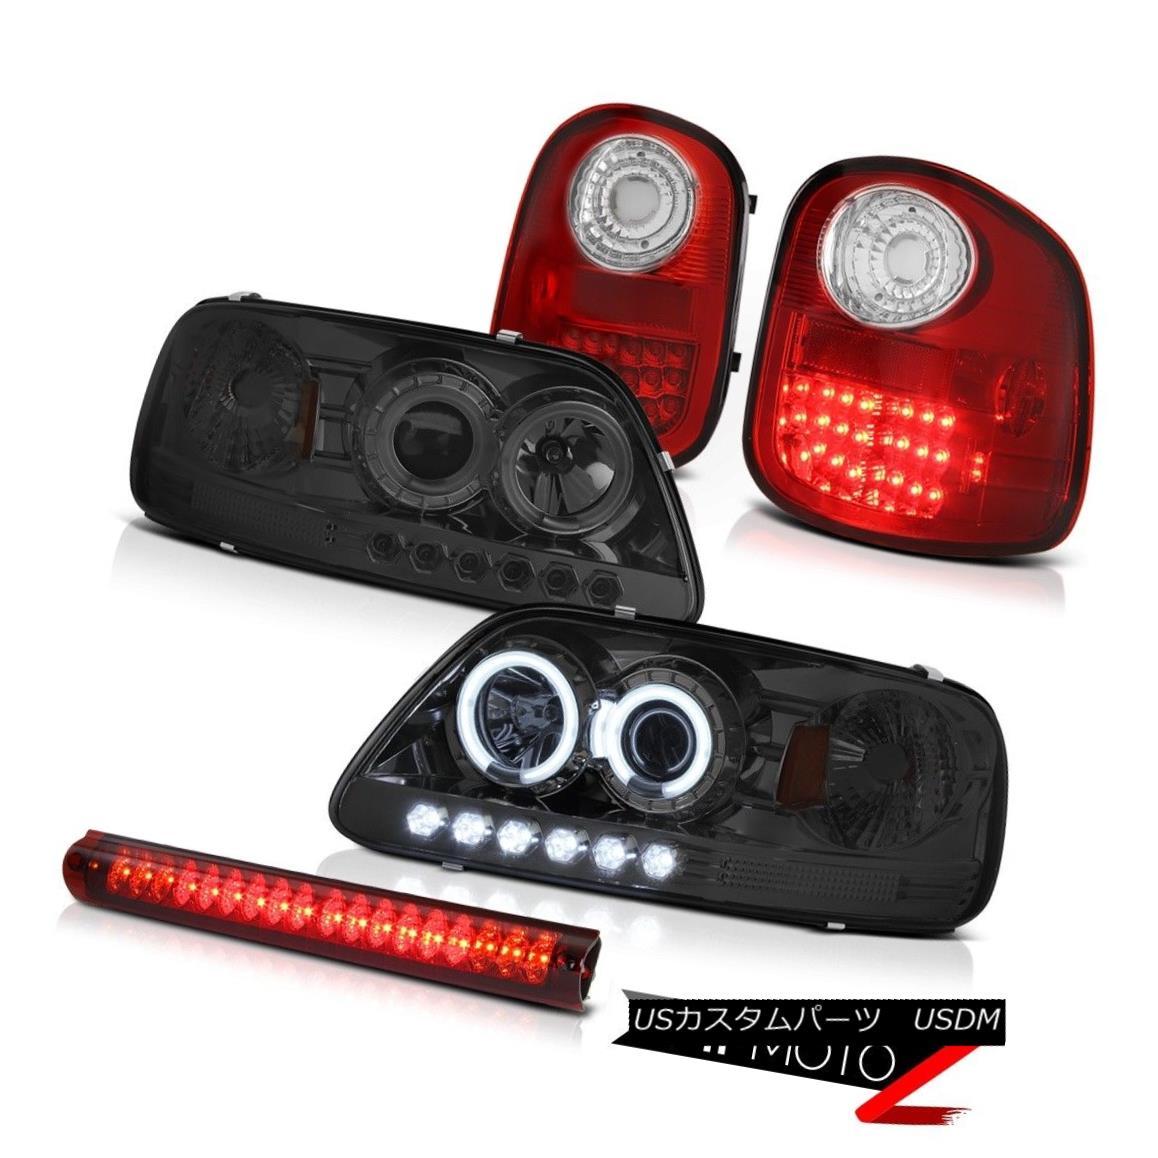 テールライト Smoke Halo Headlamps LH+RH LED Brake Lights High 97-03 F150 Flareside Hertiage Smoke HaloヘッドランプLH + RH LEDブレーキライトHigh 97-03 F150 Flareside Heritage